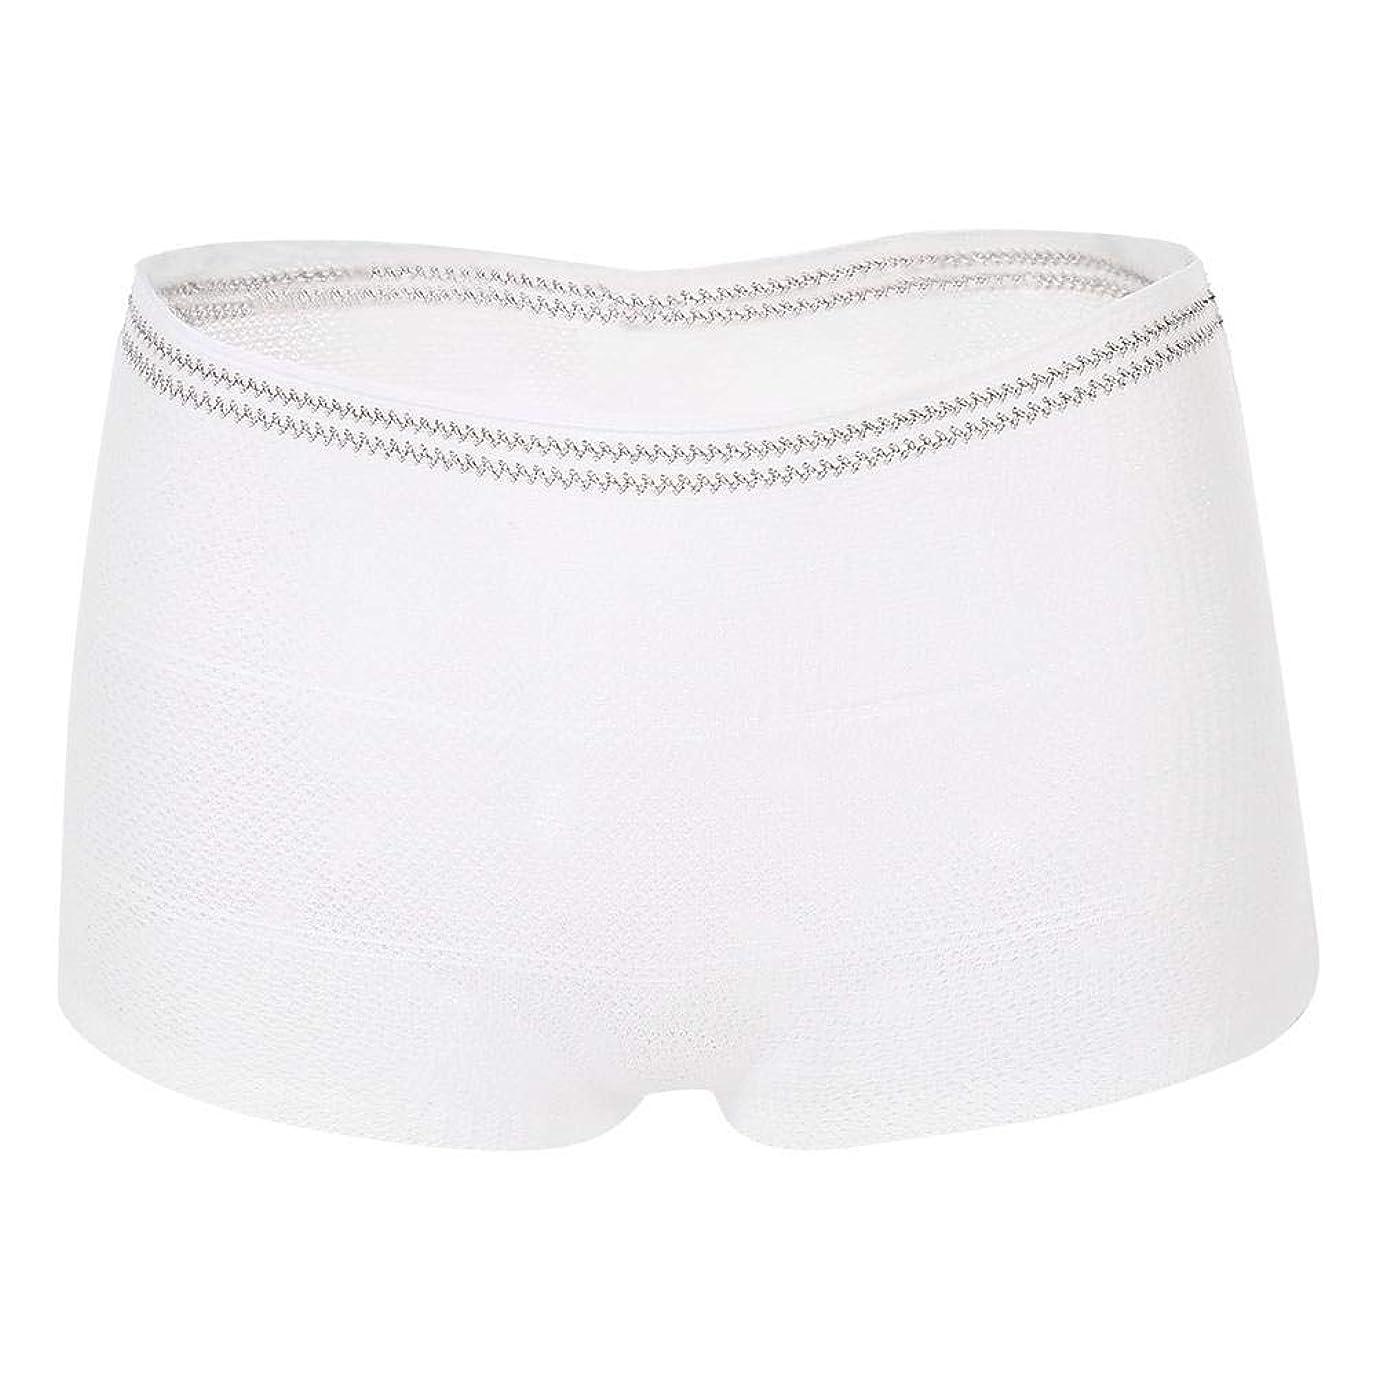 滑るビザ囲まれた失禁補助下着、10個/セット再利用可能な洗える失禁補助下着メッシュパンツ(#1)